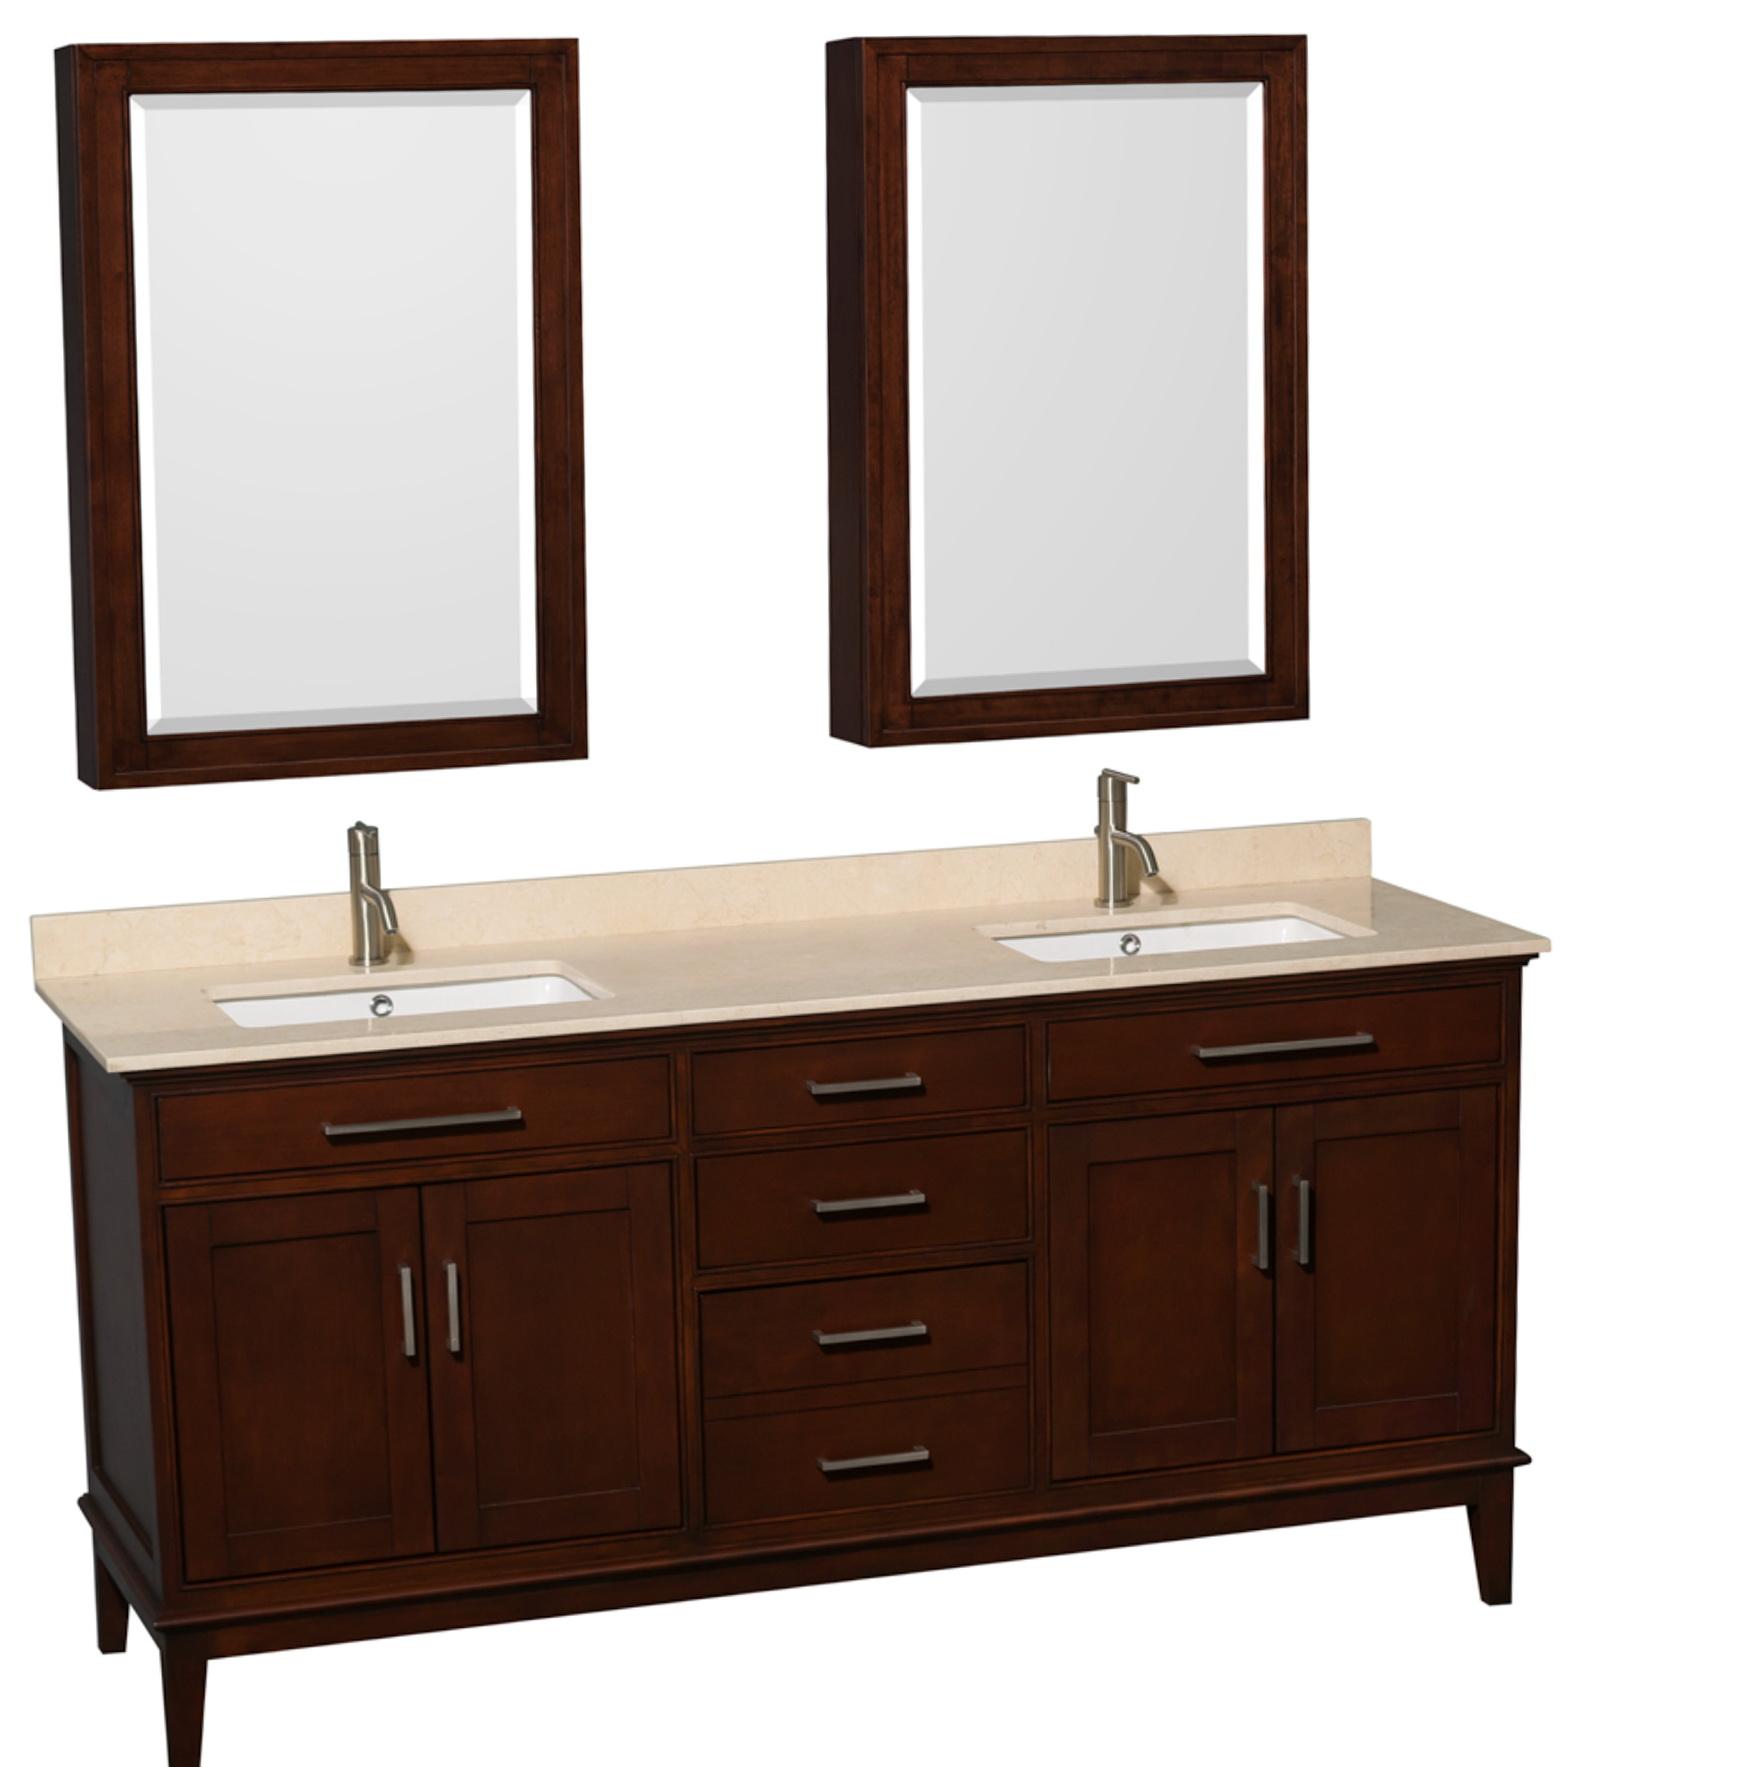 72 Inch Double Sink Vanity Countertop